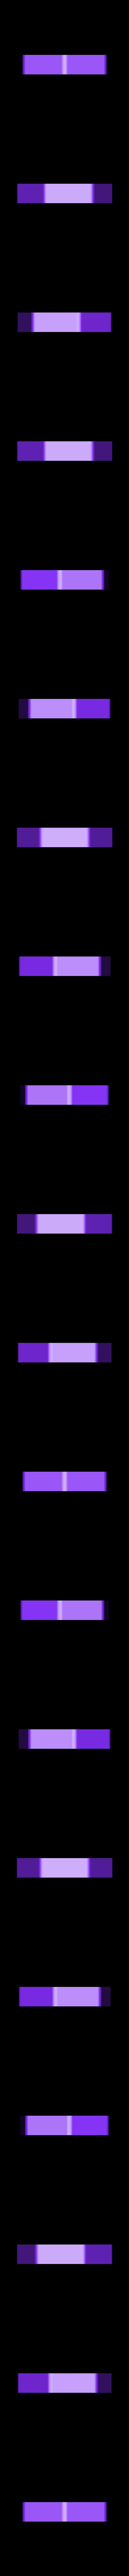 ext1_coccinelle.STL Télécharger fichier STL gratuit Hive • Objet pour impression 3D, seb2320